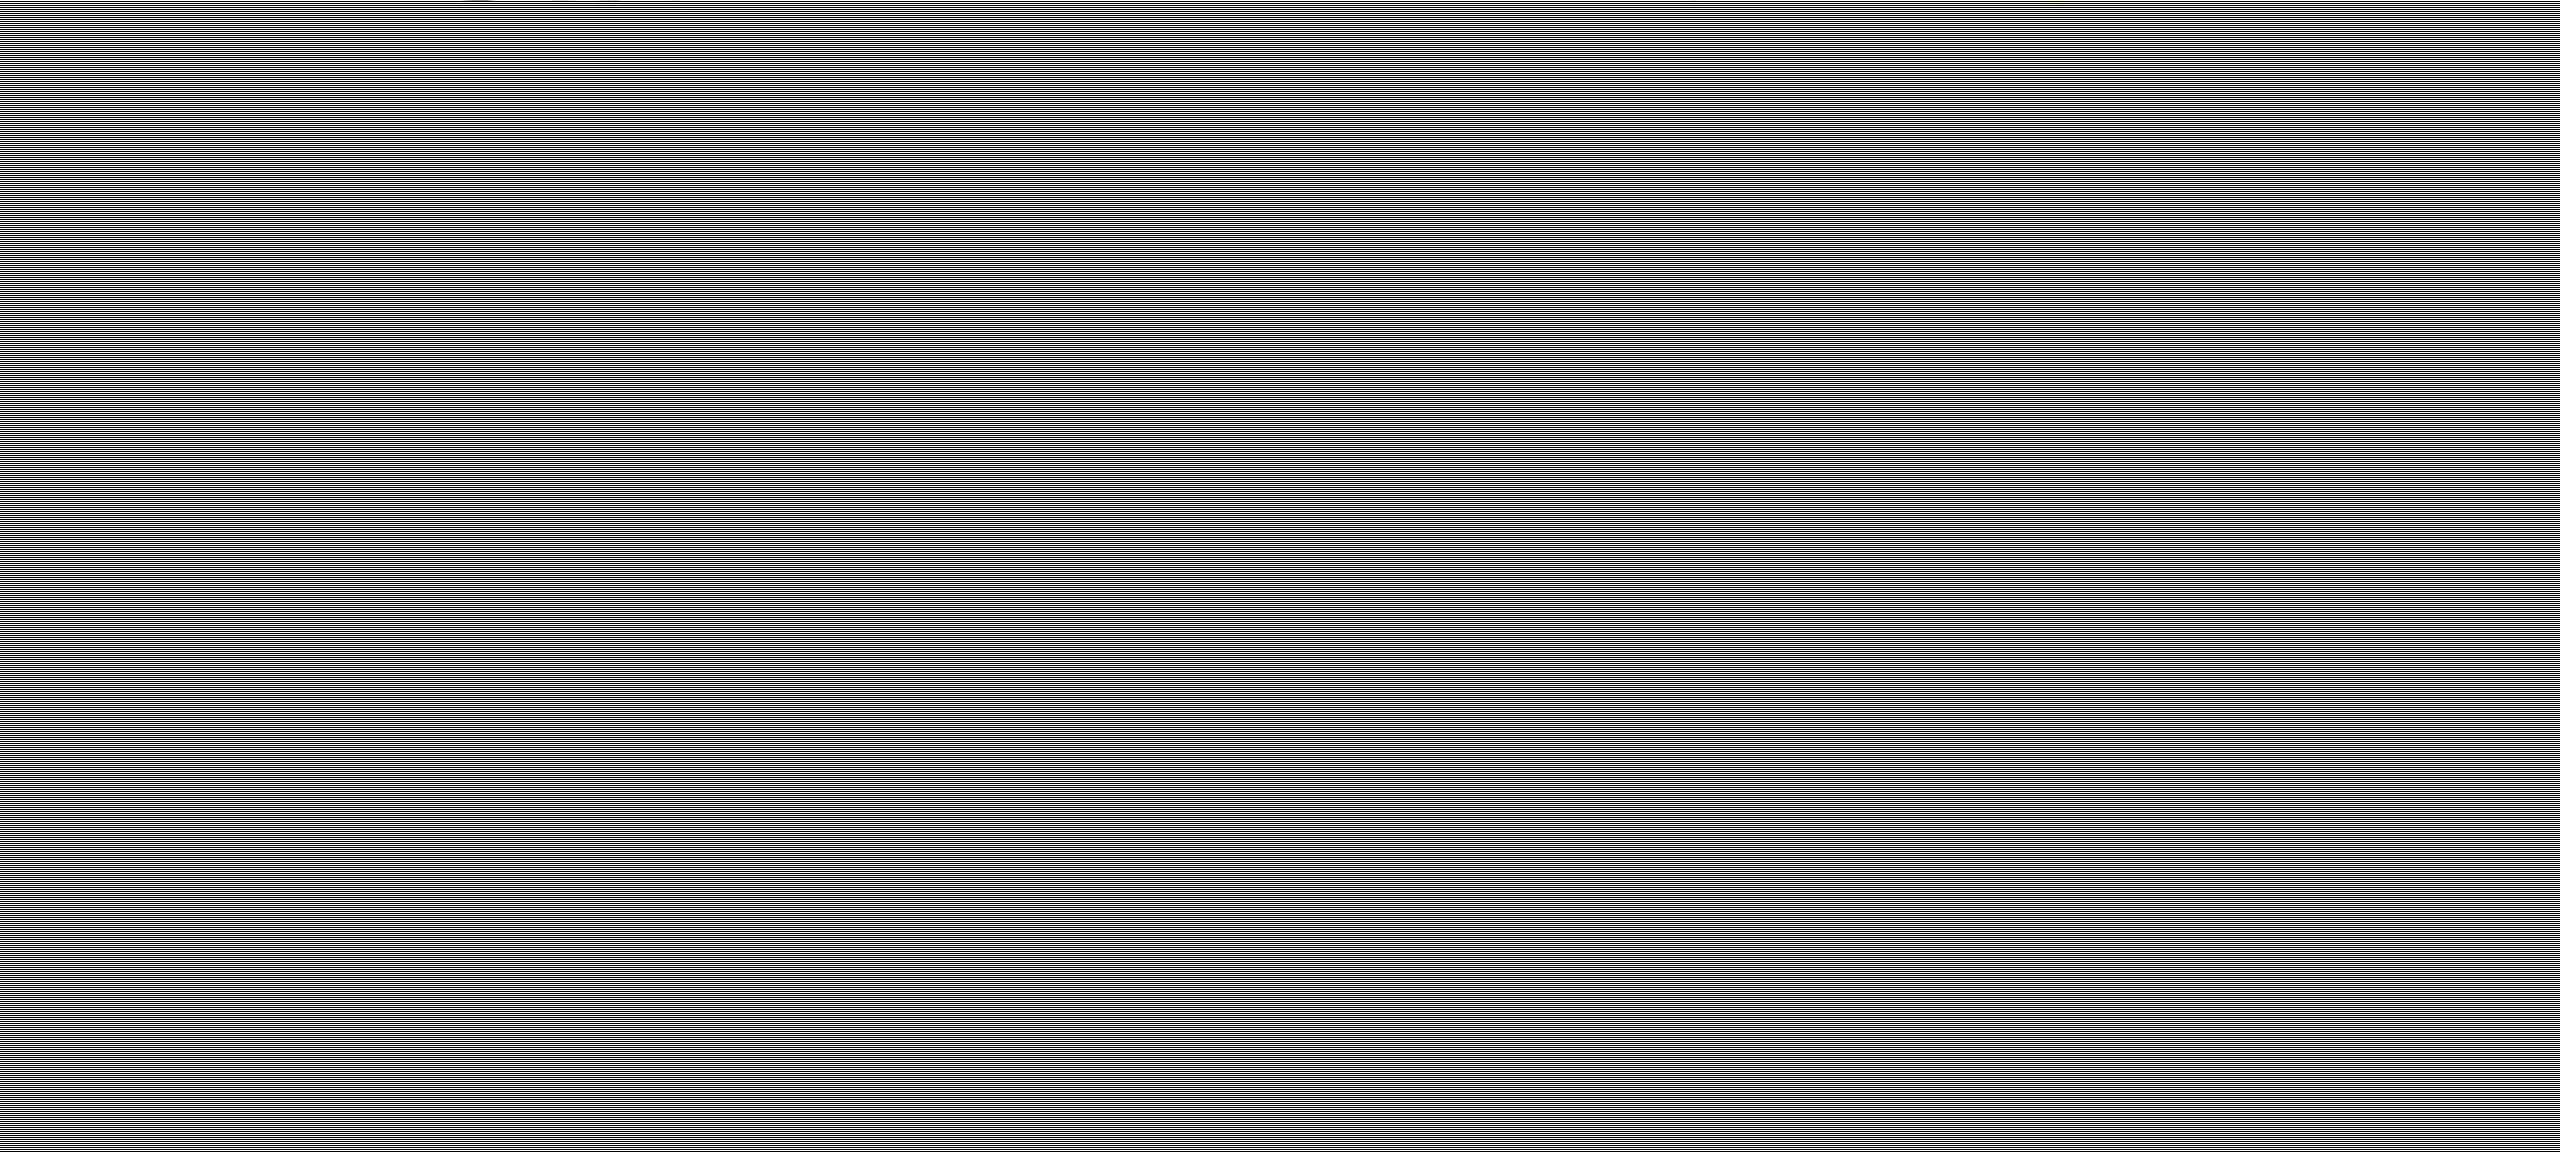 Rozbudowa macierzy Huawei OceanStor 2200 v3